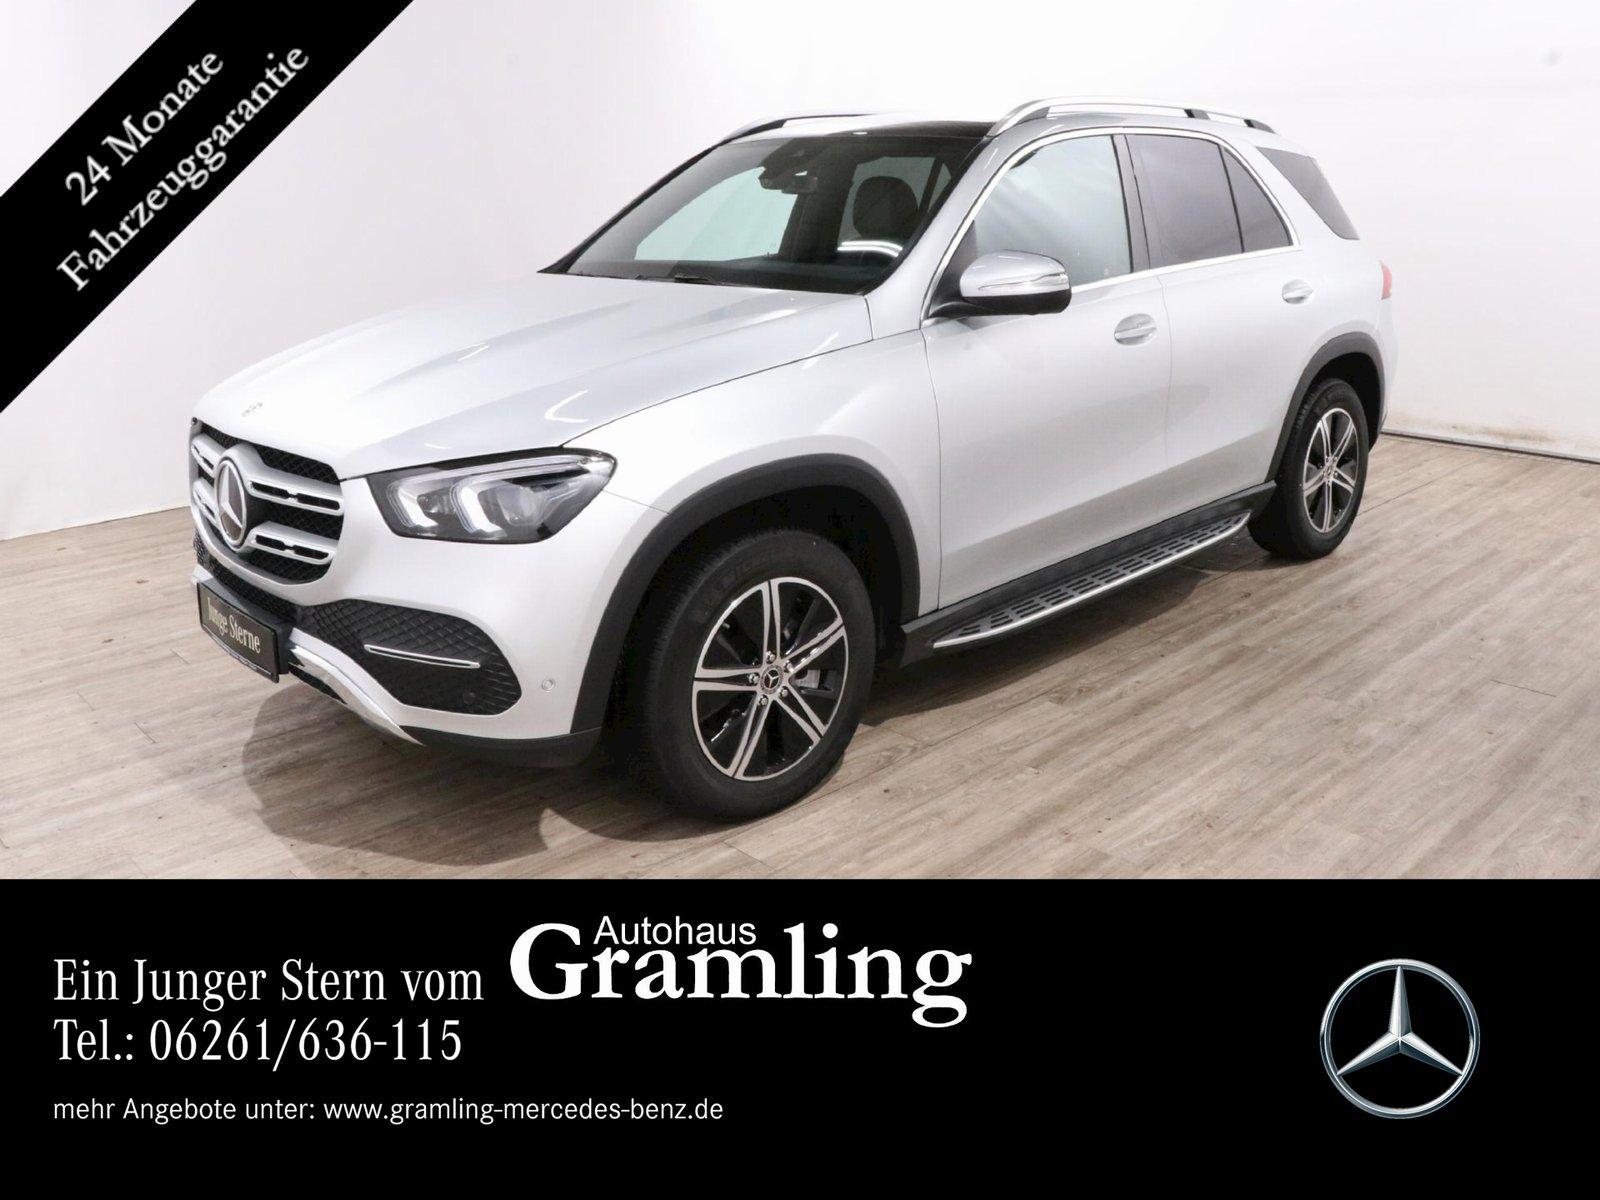 Mercedes-Benz GLE 300 d 4M AMG*Pano*360°-Kamera*AHK*MULTIBEAM*, Jahr 2019, Diesel